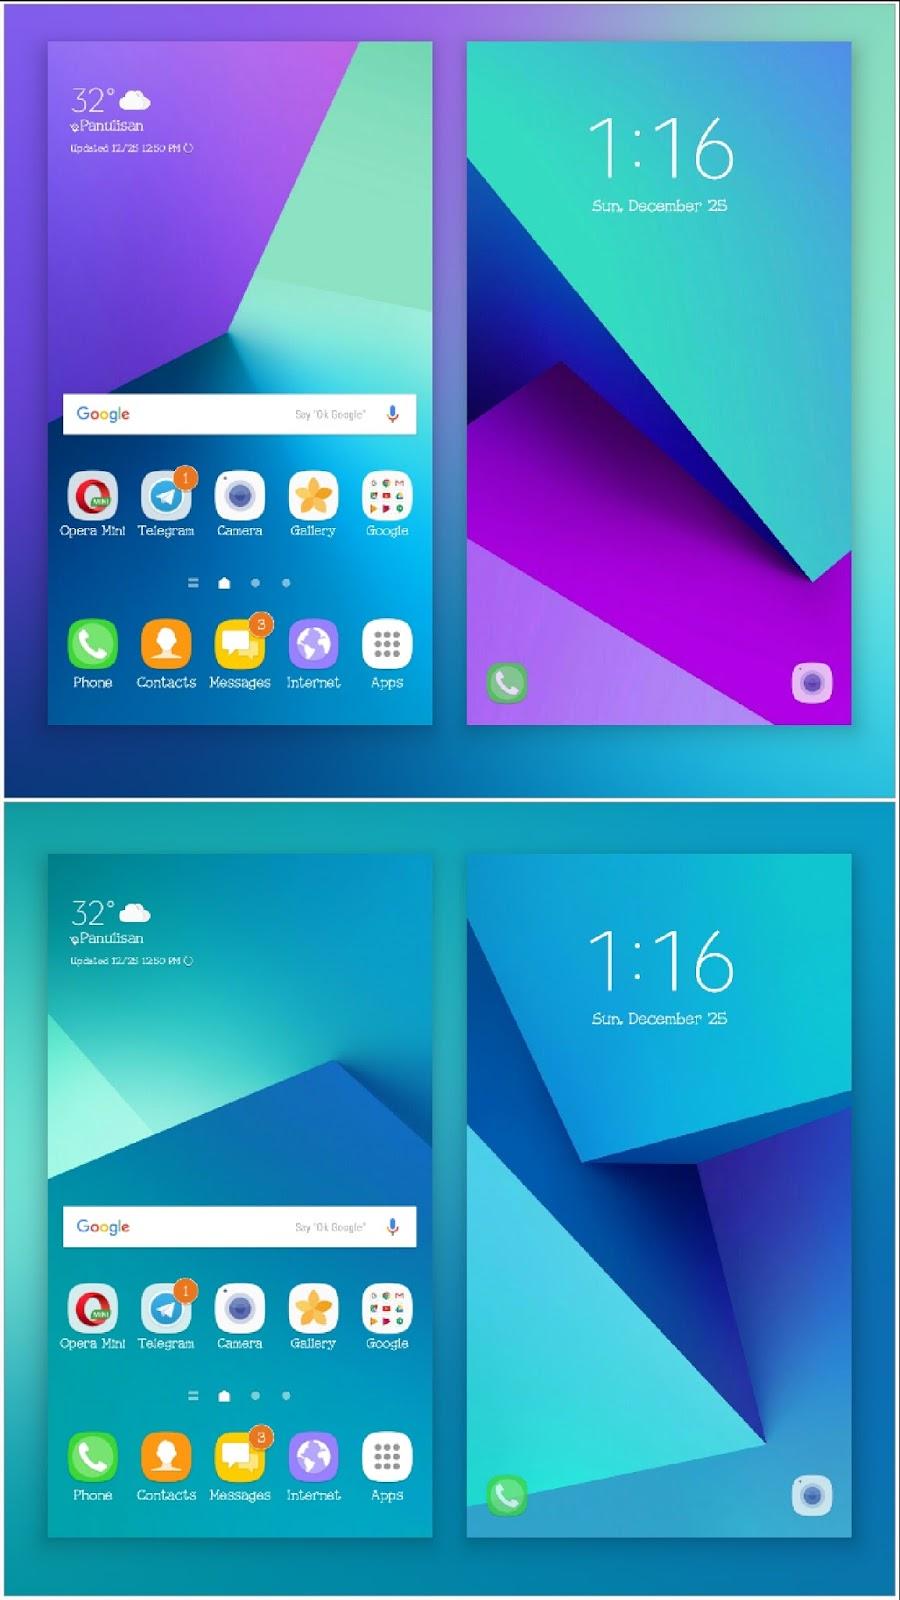 Samsung Hp Samsung J2 Prime 1001732 Hd Wallpaper Backgrounds Download